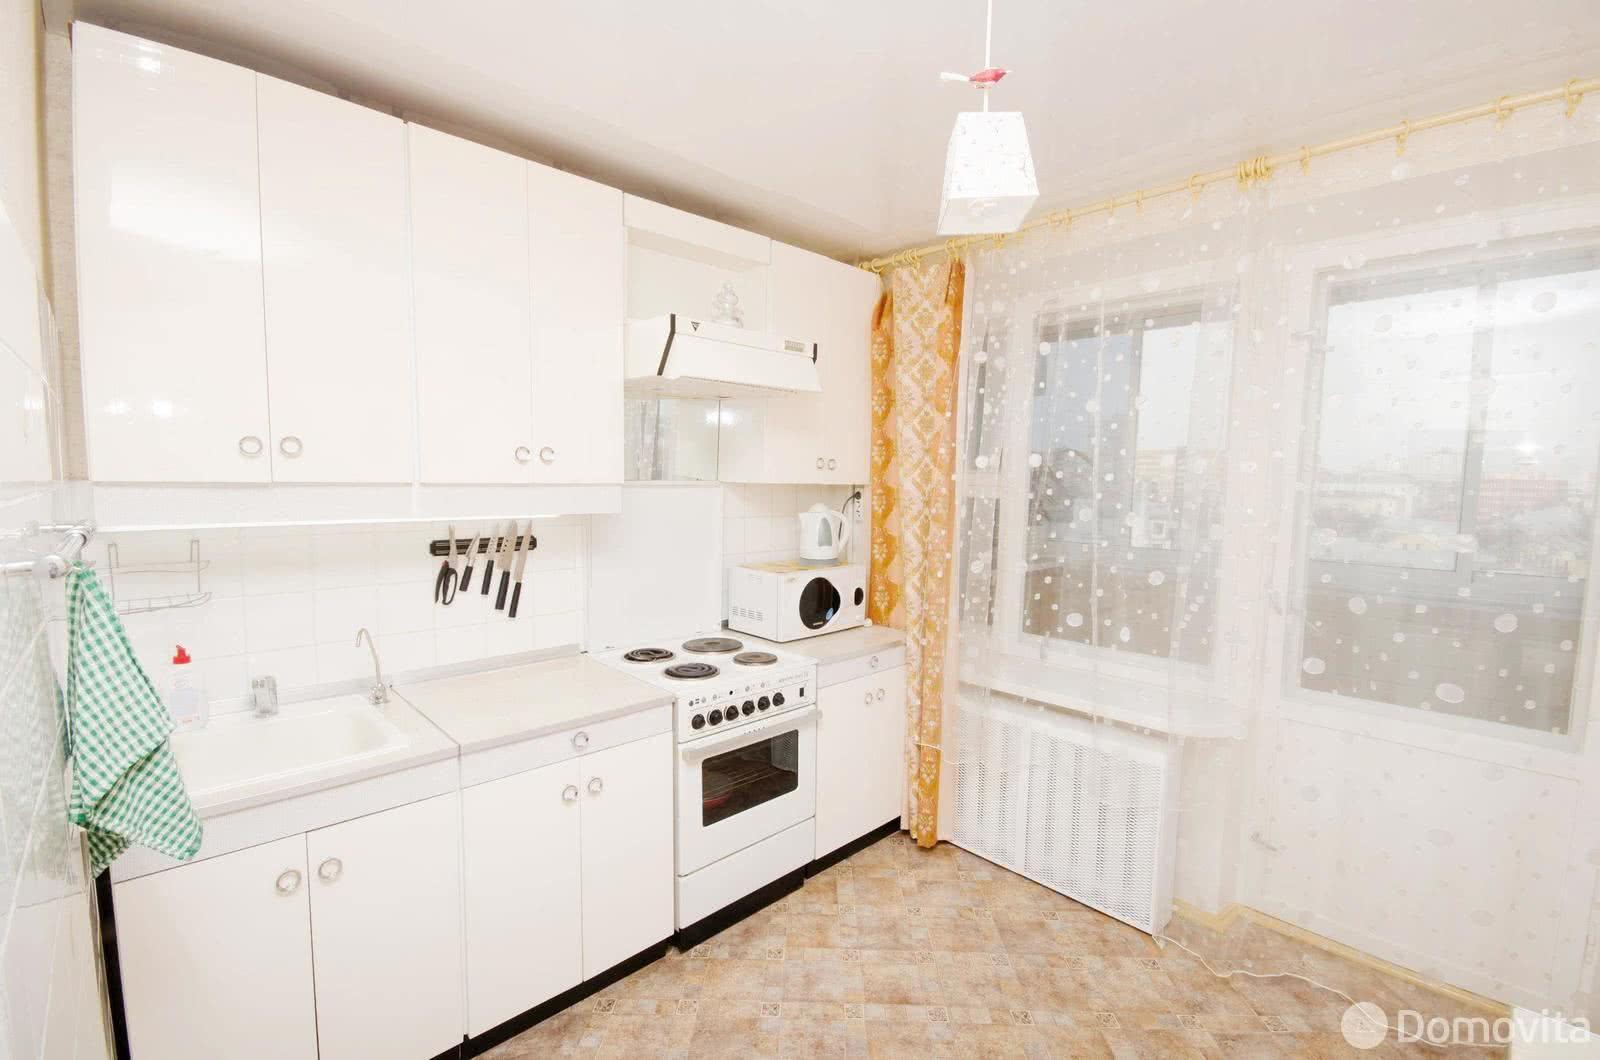 2-комнатная квартира на сутки в Минске ул. Немига, д. 10 - фото 6